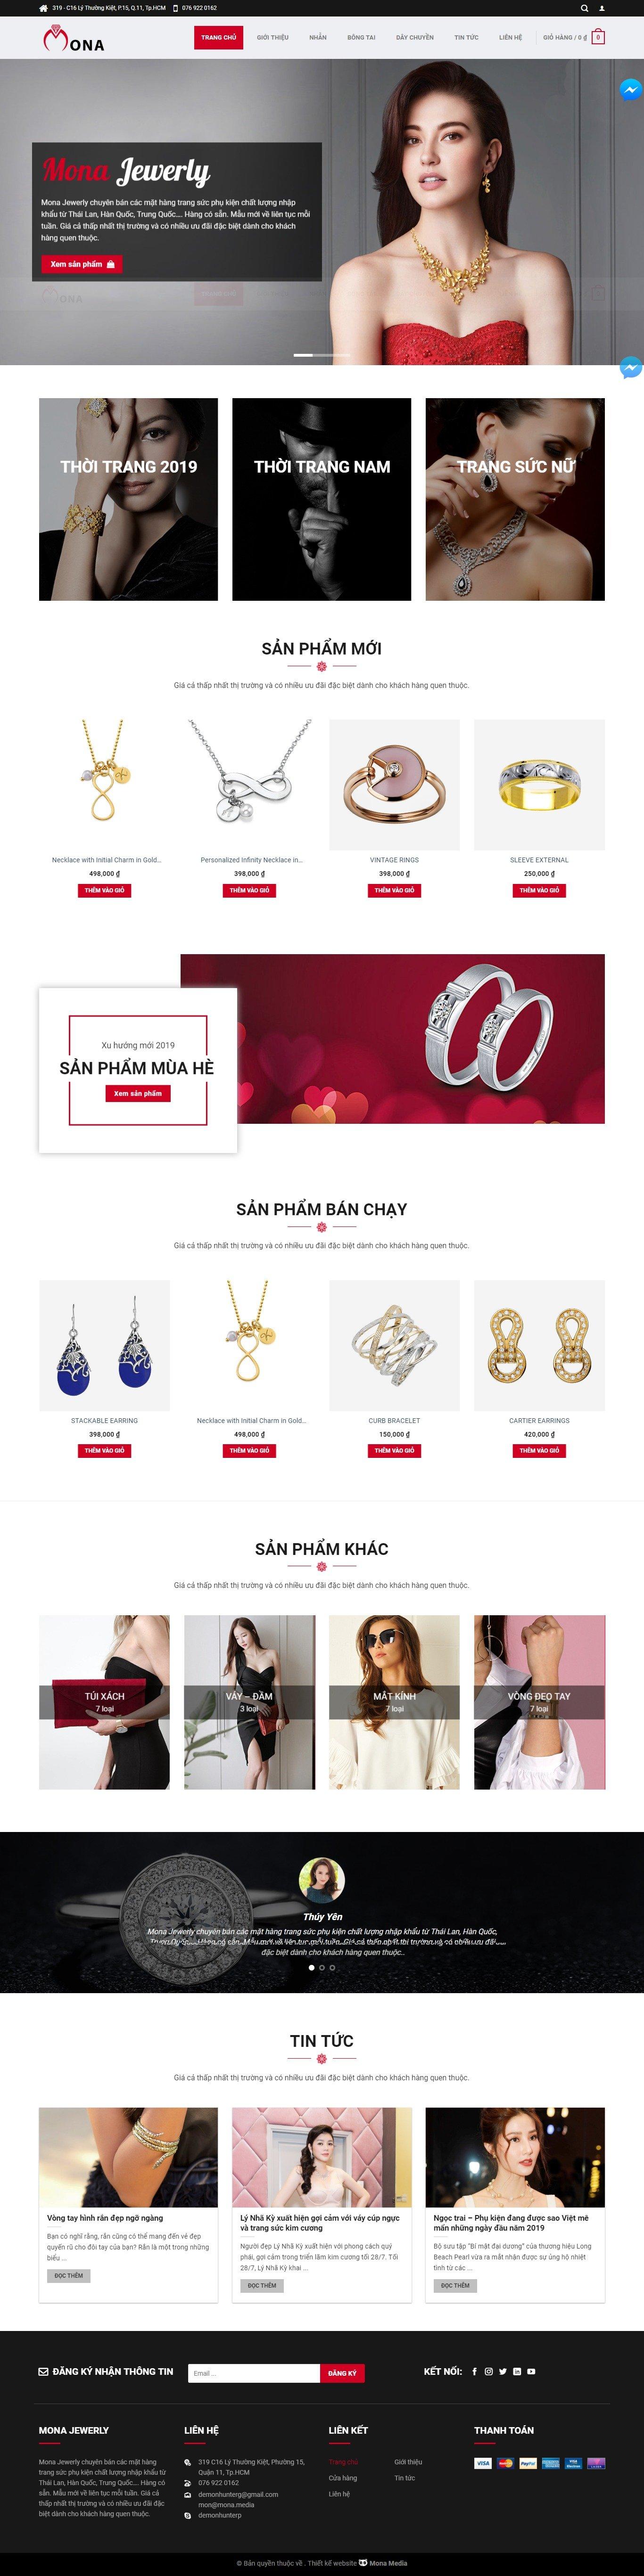 Mẫu website bán trang sức – phụ kiện thời trang cao cấp